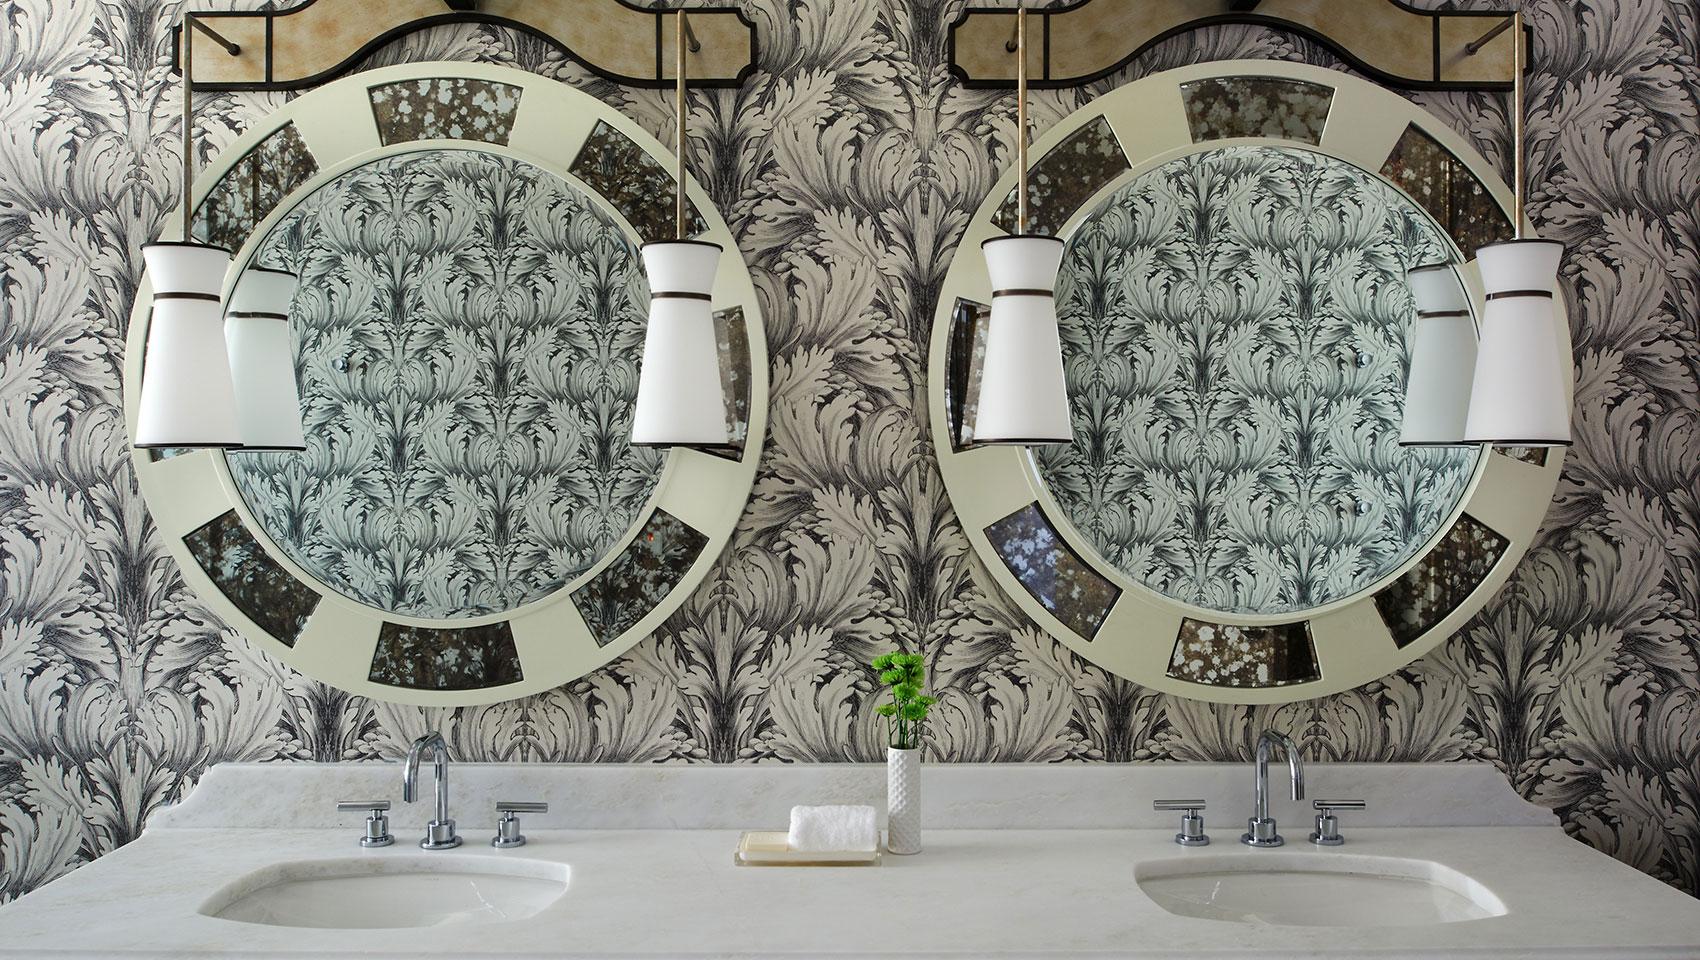 spa bath double sink. Hotel Suites in Washington DC   Kimpton Hotel Monaco DC